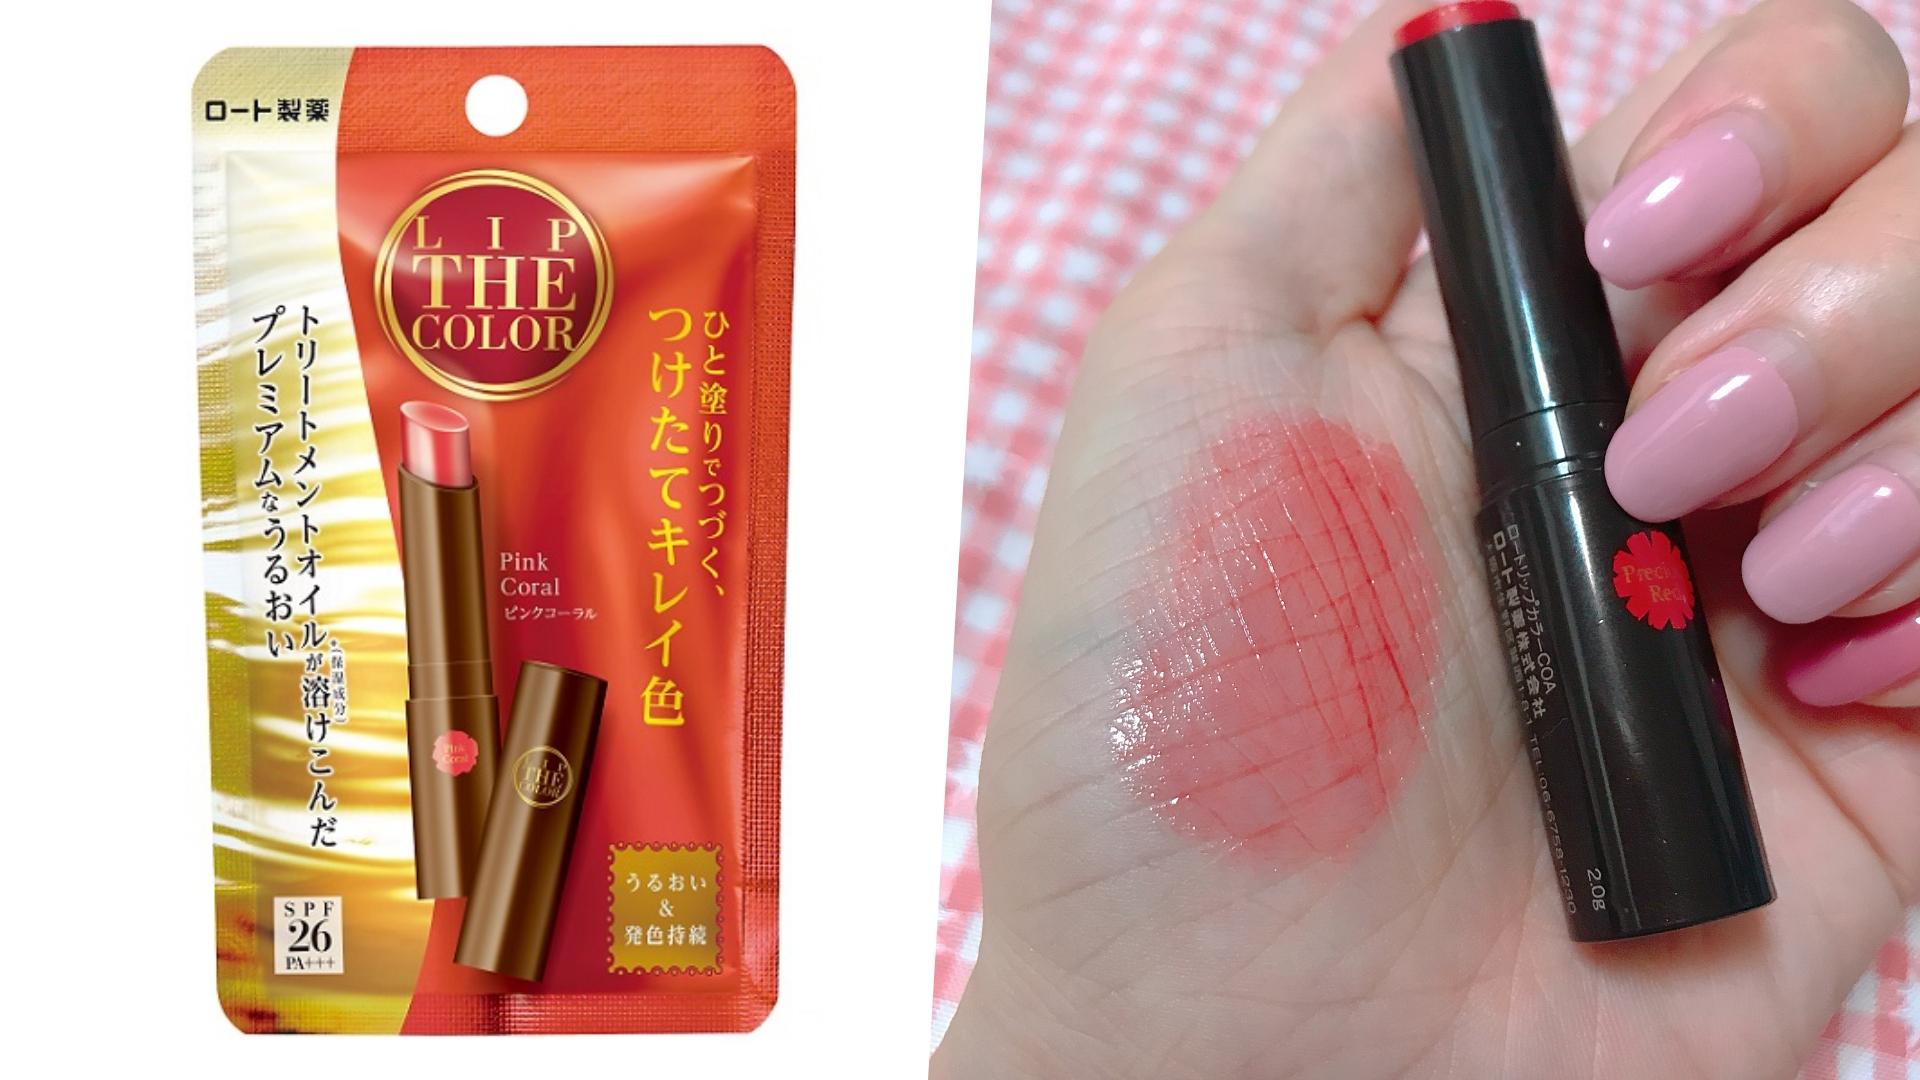 之前在日本一推出就引發搶購熱潮!獨特超持色配方,讓色彩粒子能更加顯色,一抹即賦予雙唇獨特透明感,即使喝水也不易掉色,持續一整日的完美色澤。